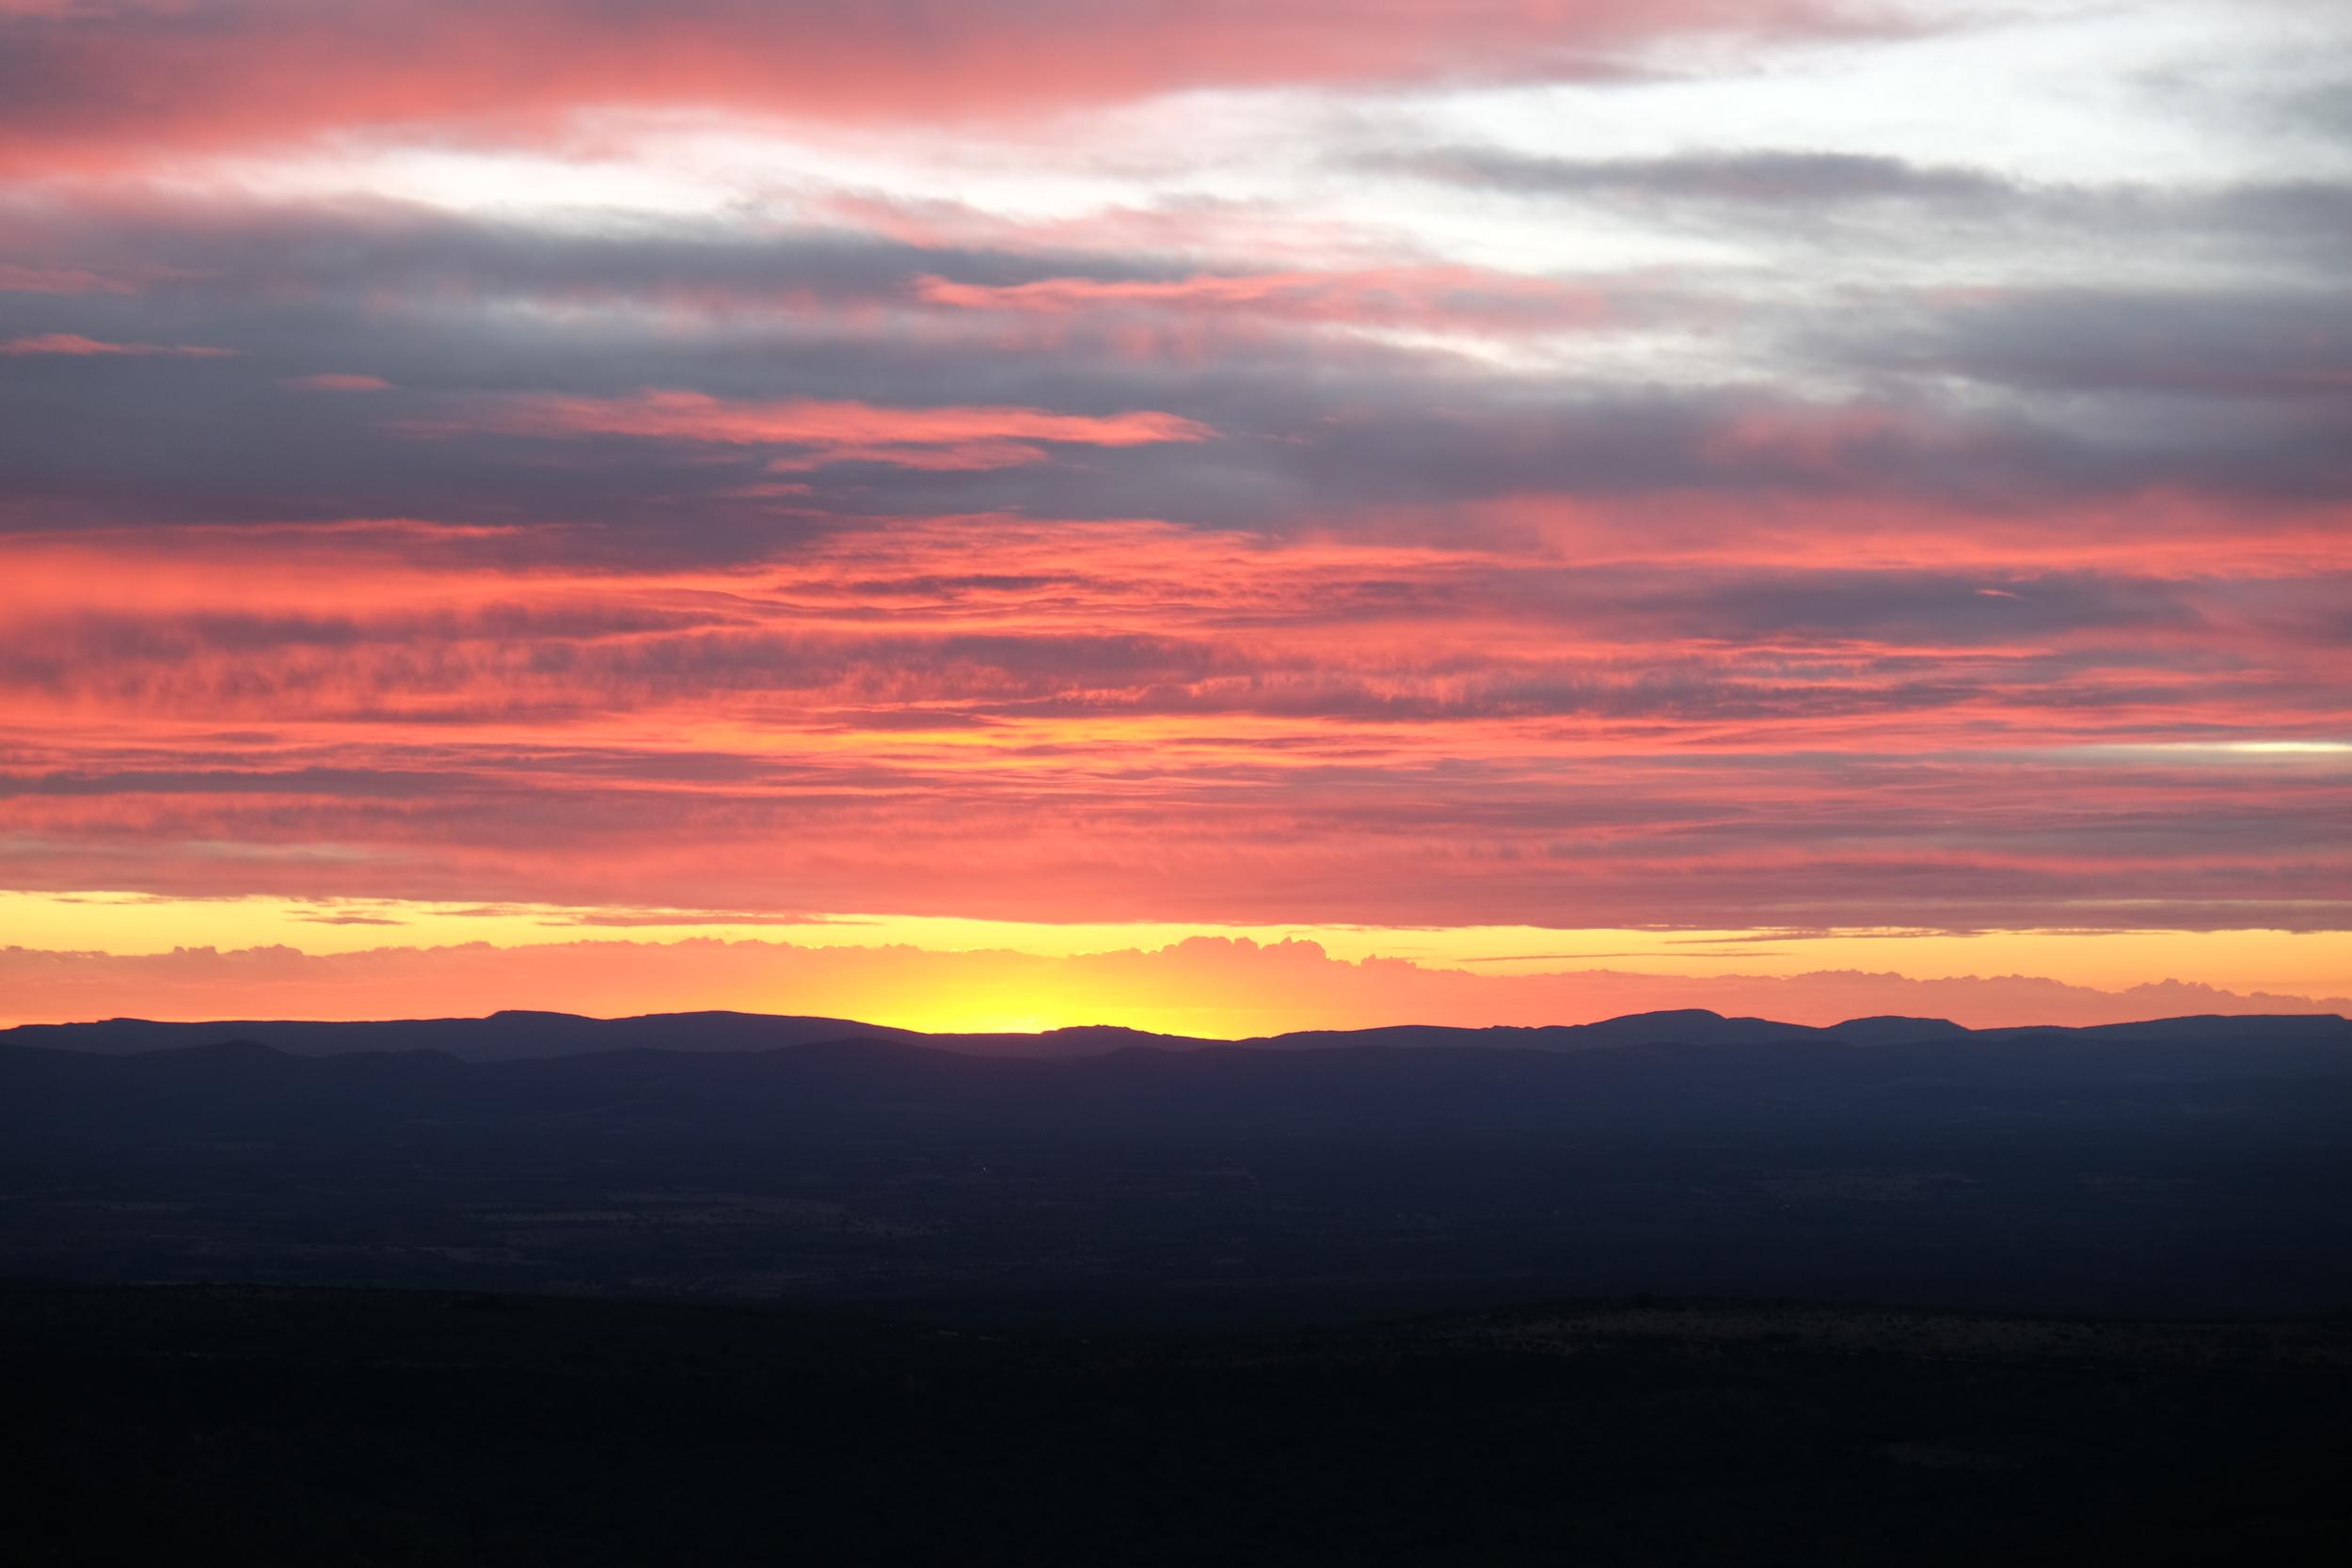 Oui, on aime bien les photos de coucher de soleil, ça fait toujours son petit effet...